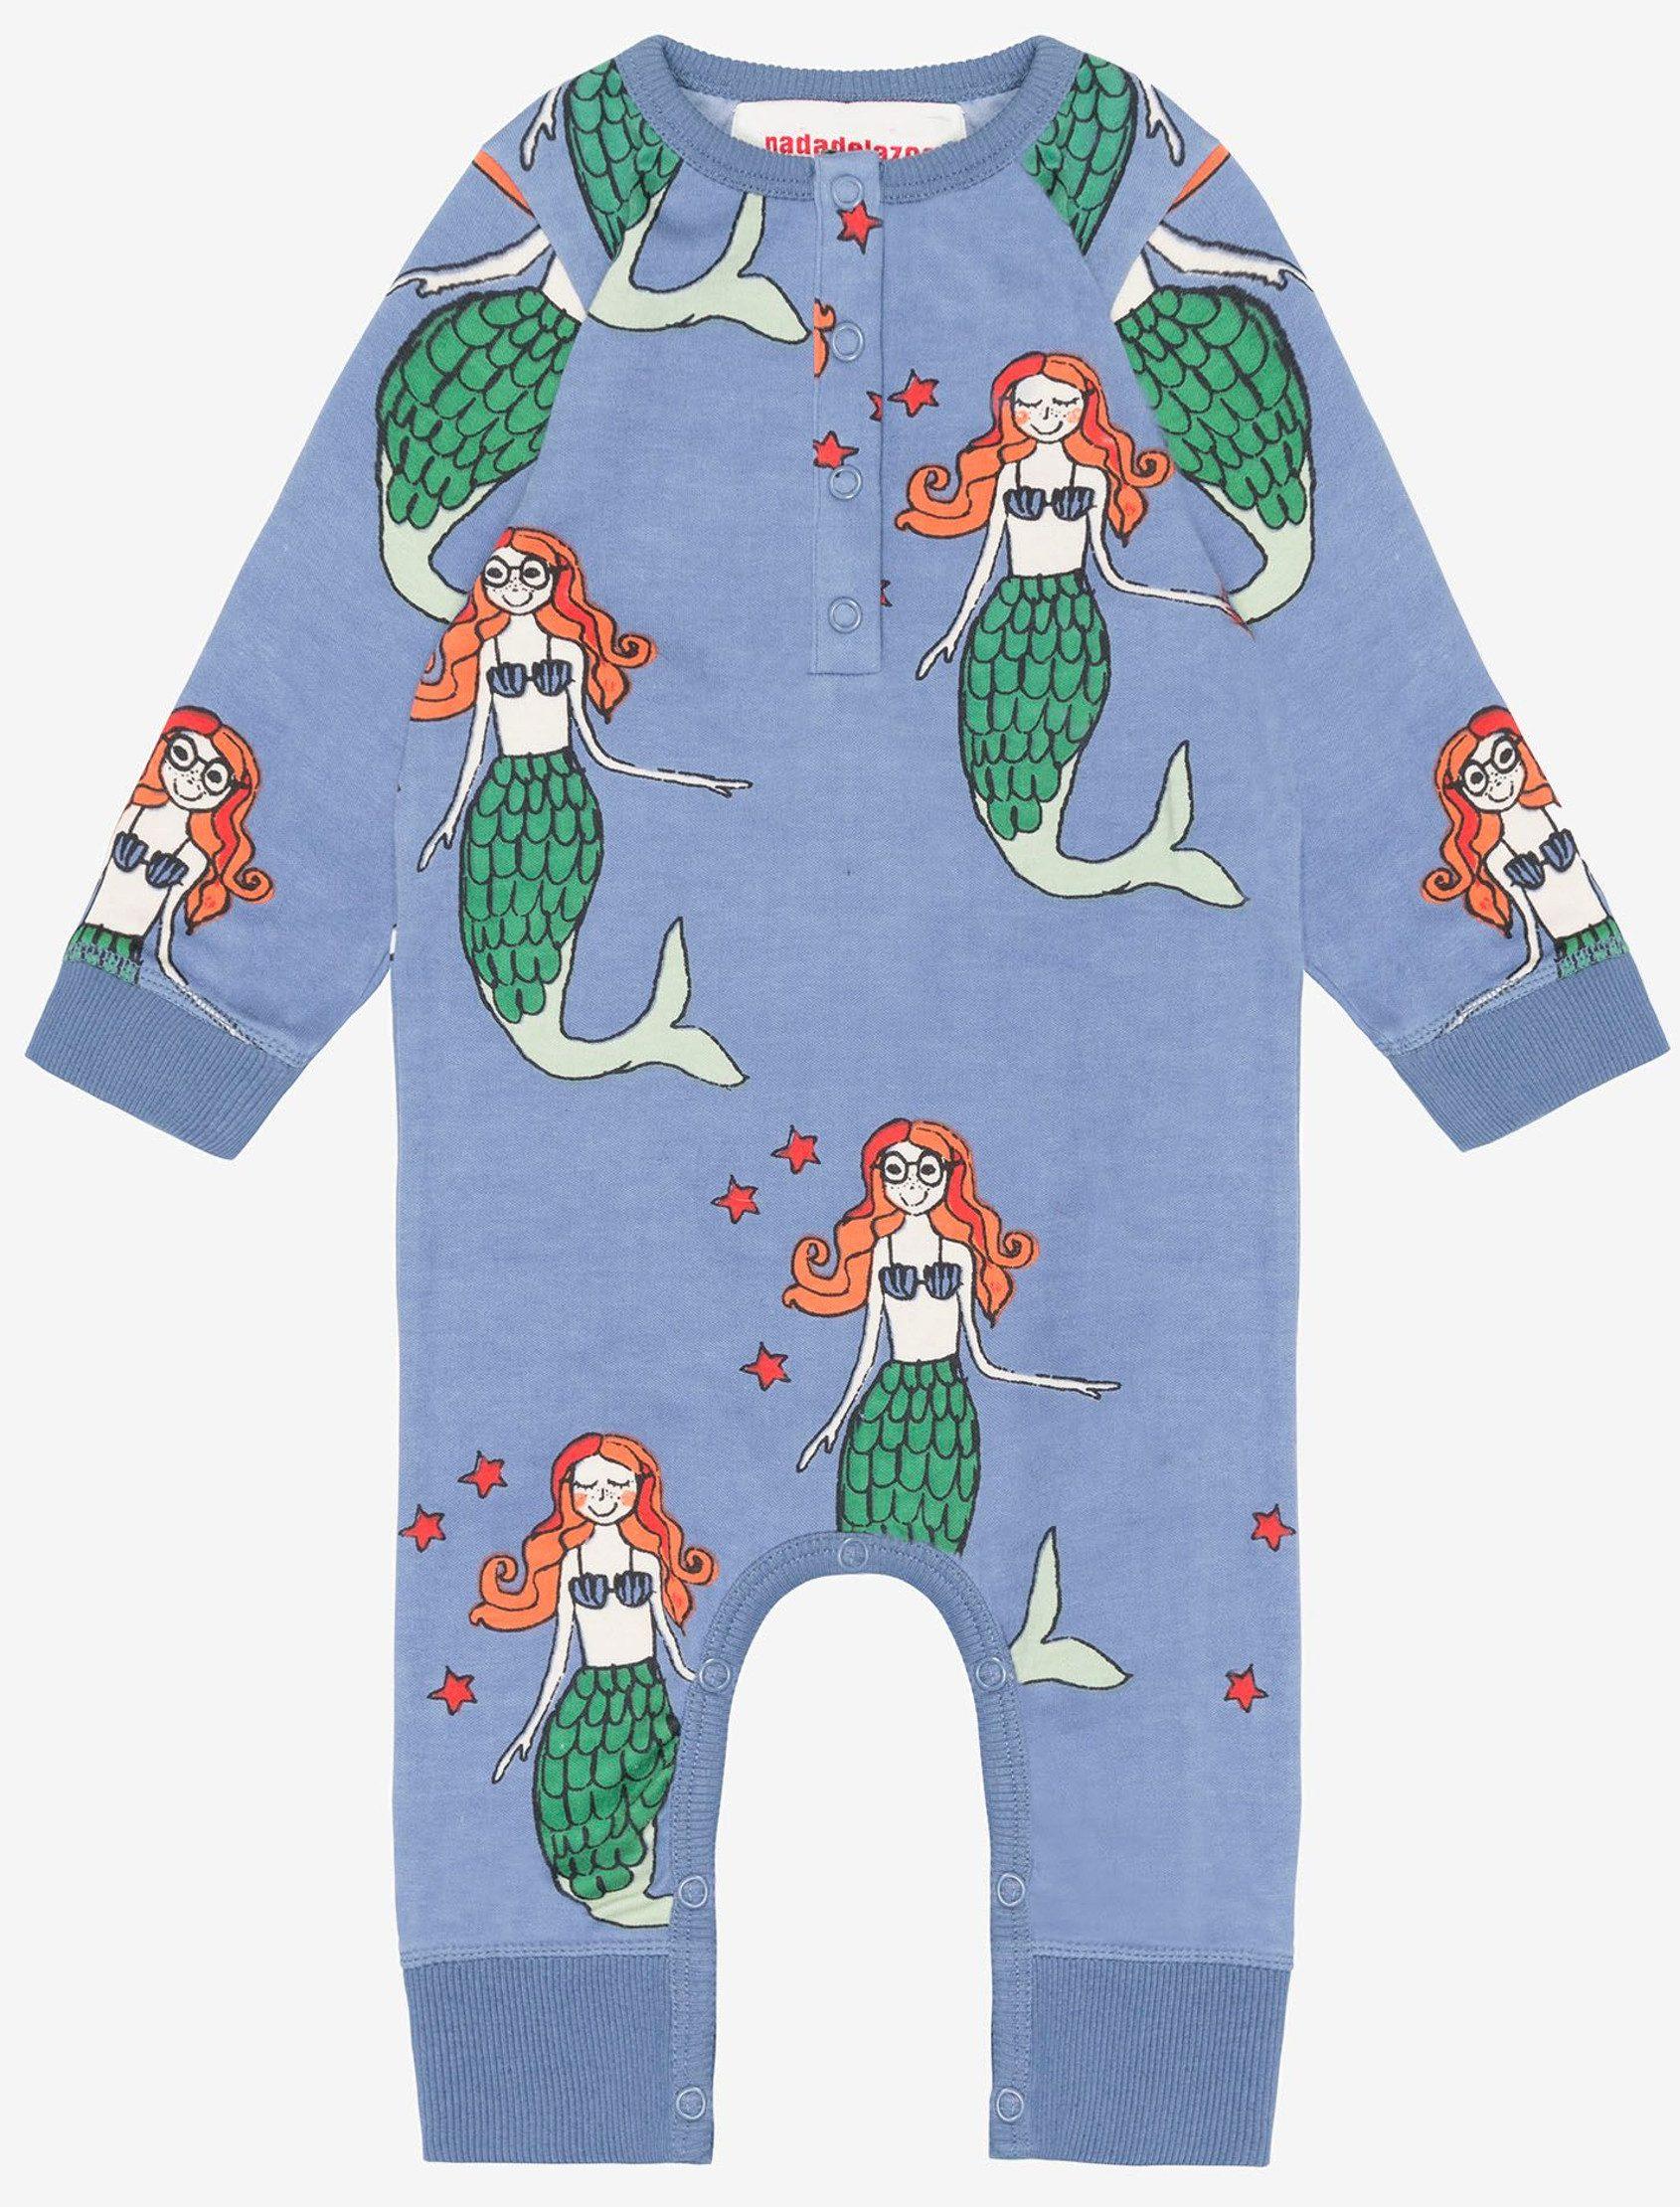 Body de bebé azul lavado con estampado completo Happy Mermaids. Las sirenas, los monstruos, todas las estrellas del universo y los planetas son nuestros amigos porque somos mágicos y tenemos superpoderes.